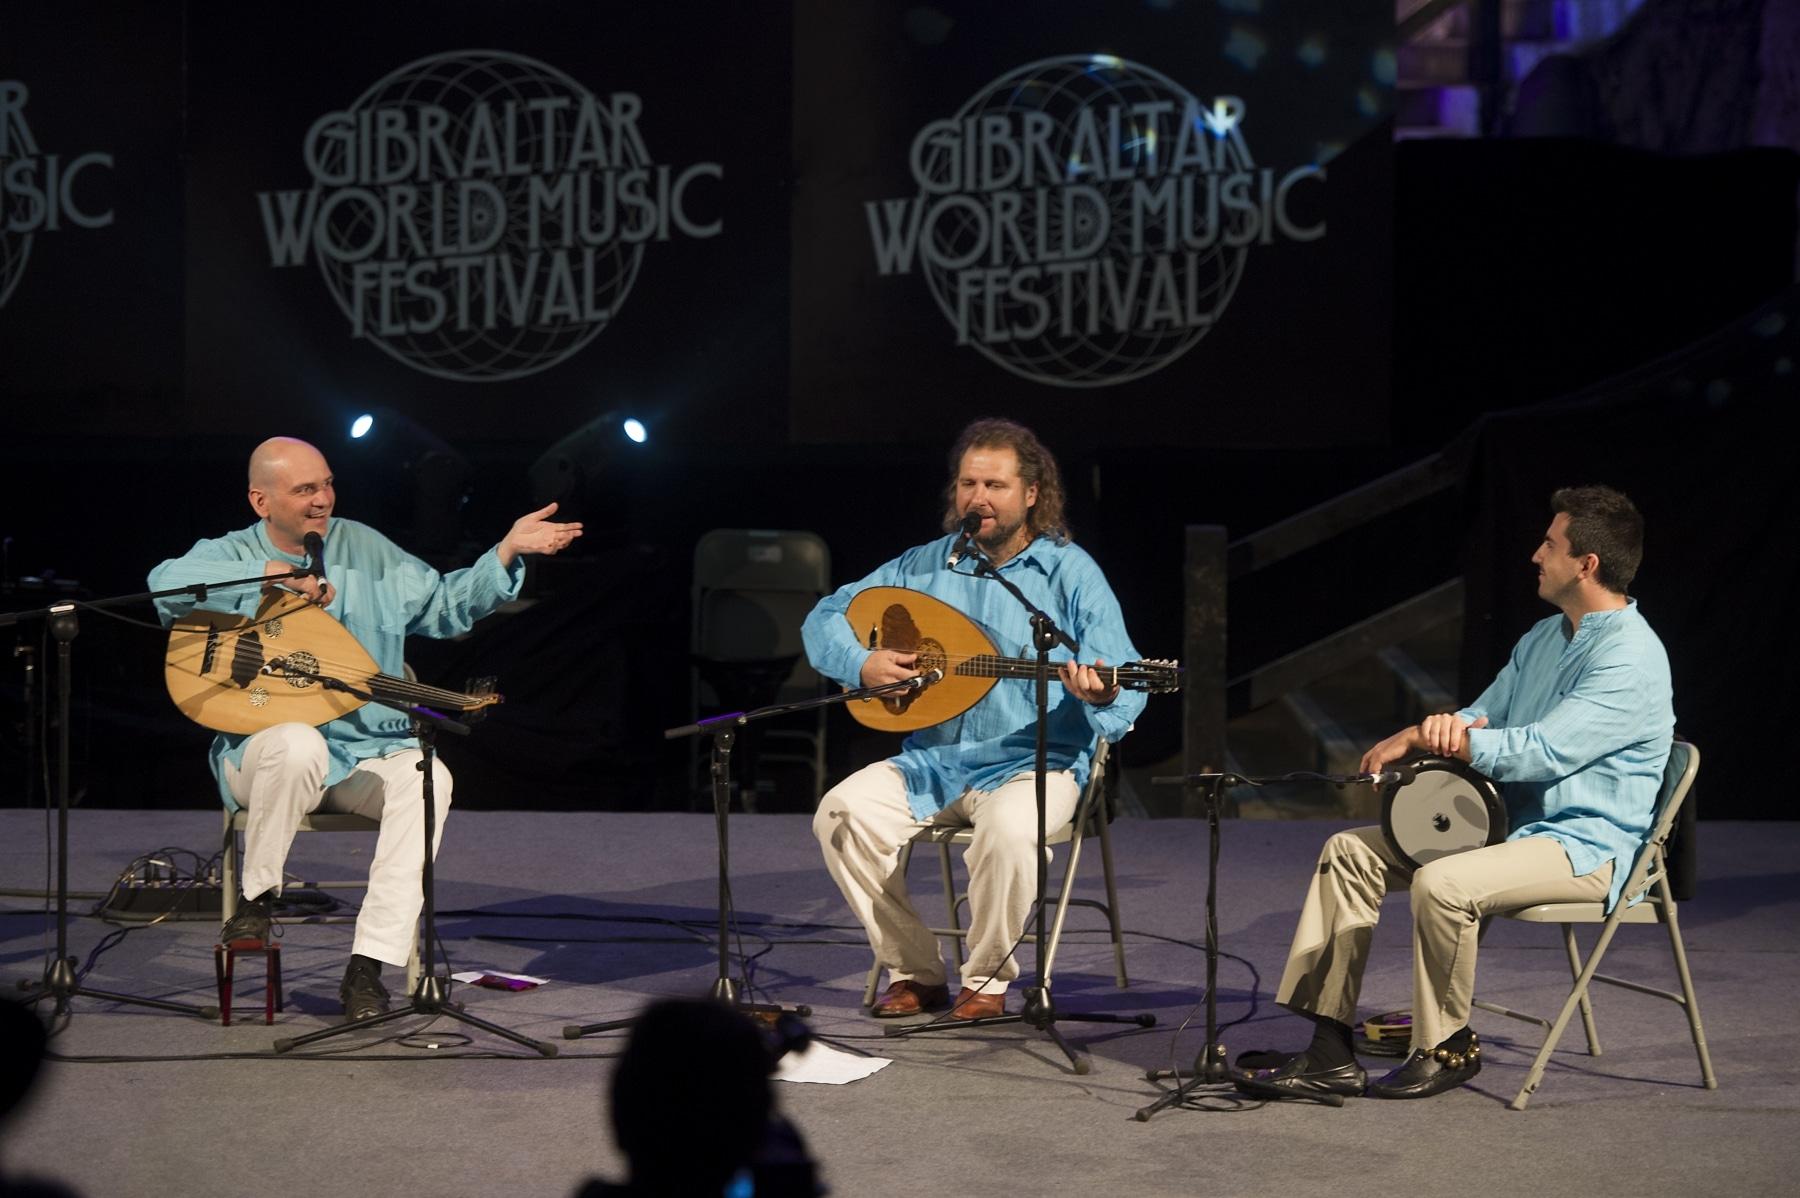 gibraltar-world-music-festival-dia-1-en-chordais-13_9225443438_o